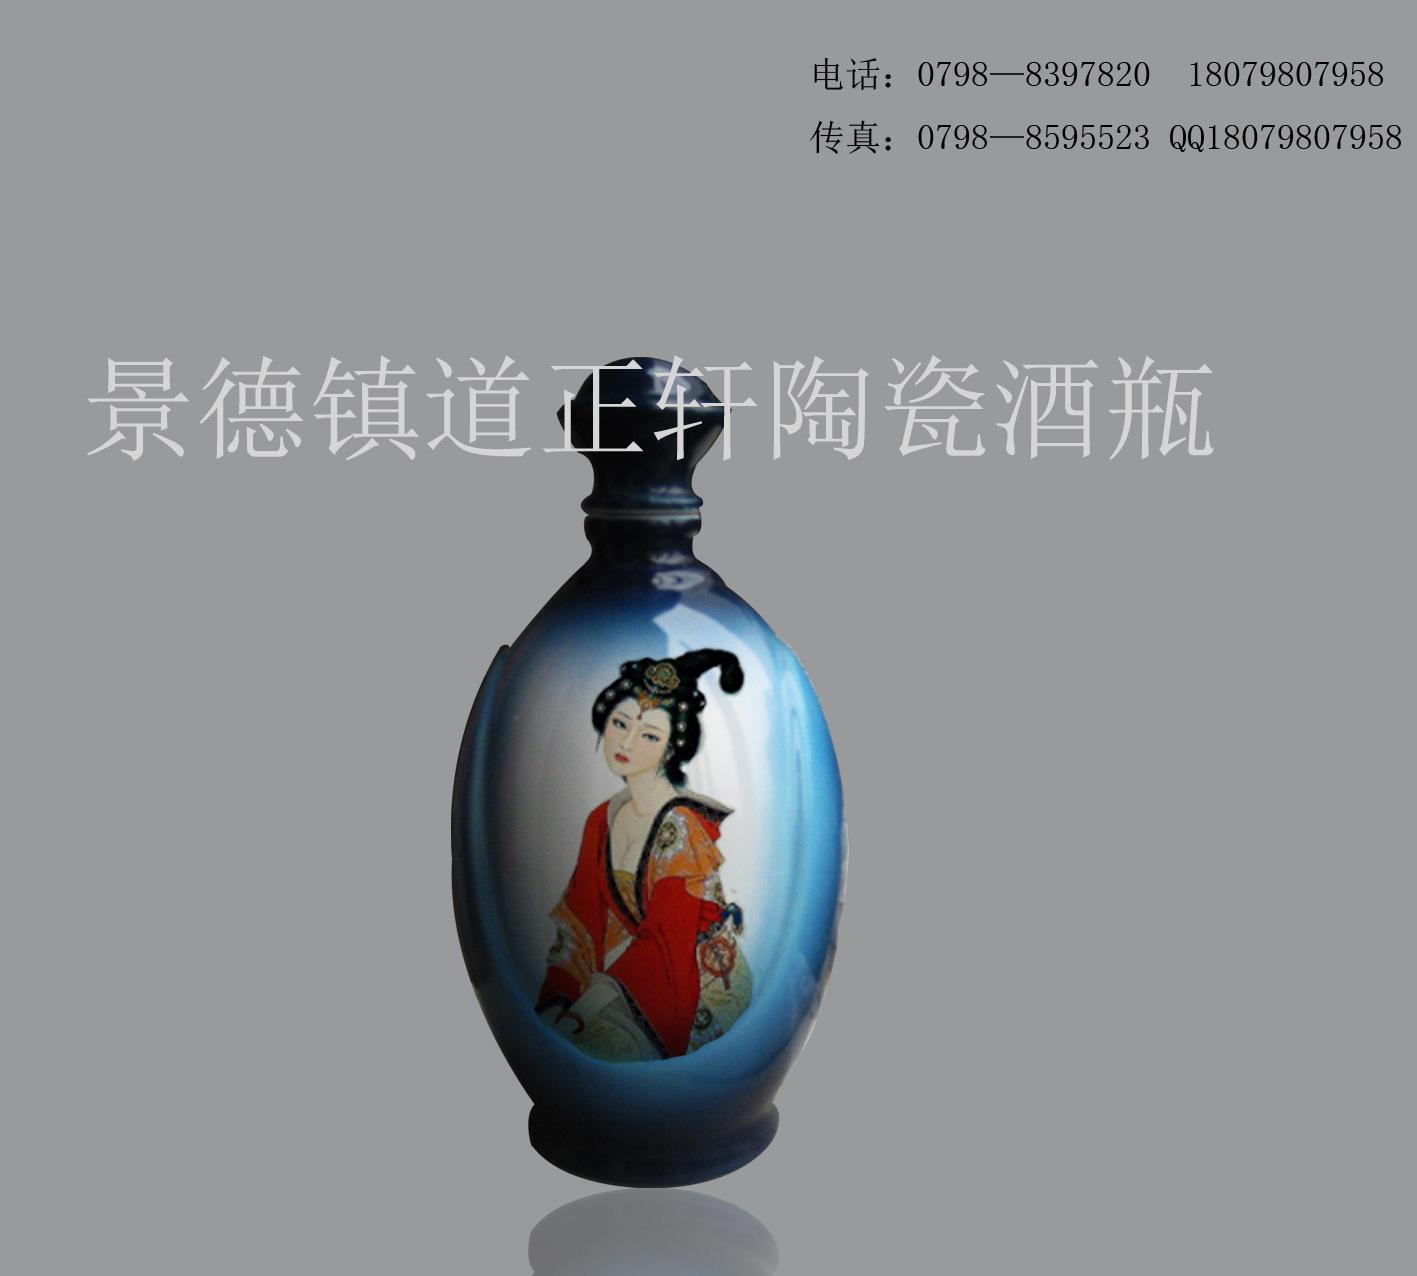 【酒瓶一双十设计,光棍节品牌:超低价,1套起订意思门面vi设计是什么专款图片